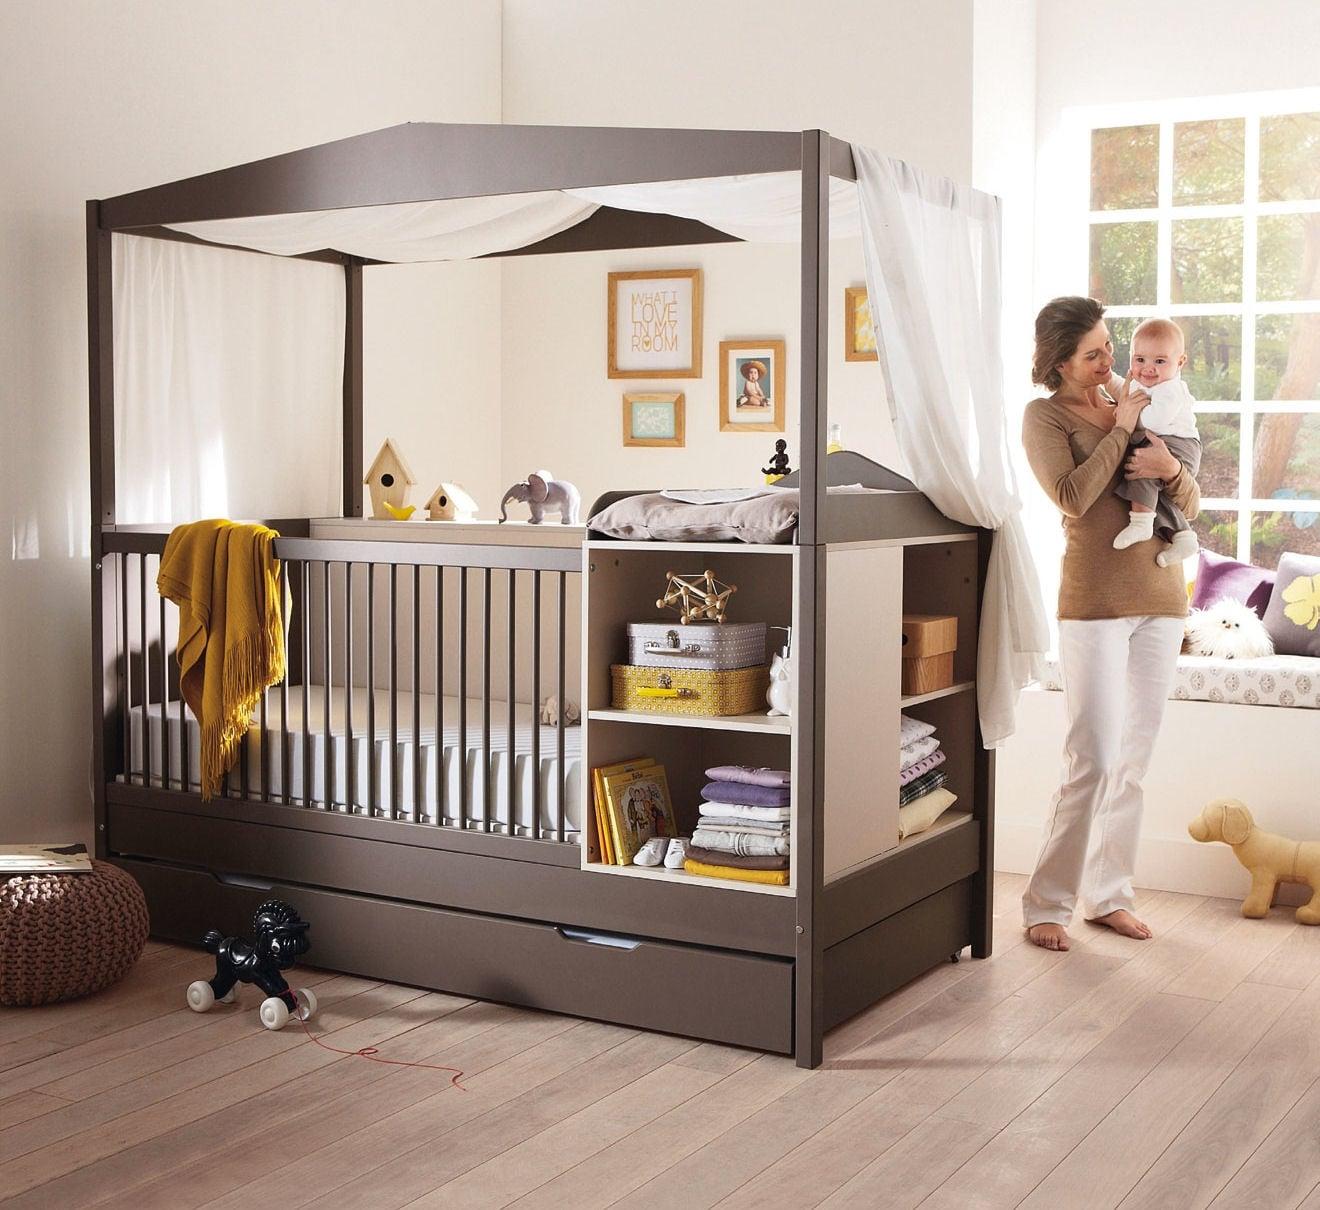 Chambre bebe vertbaudet - Famille et bébé